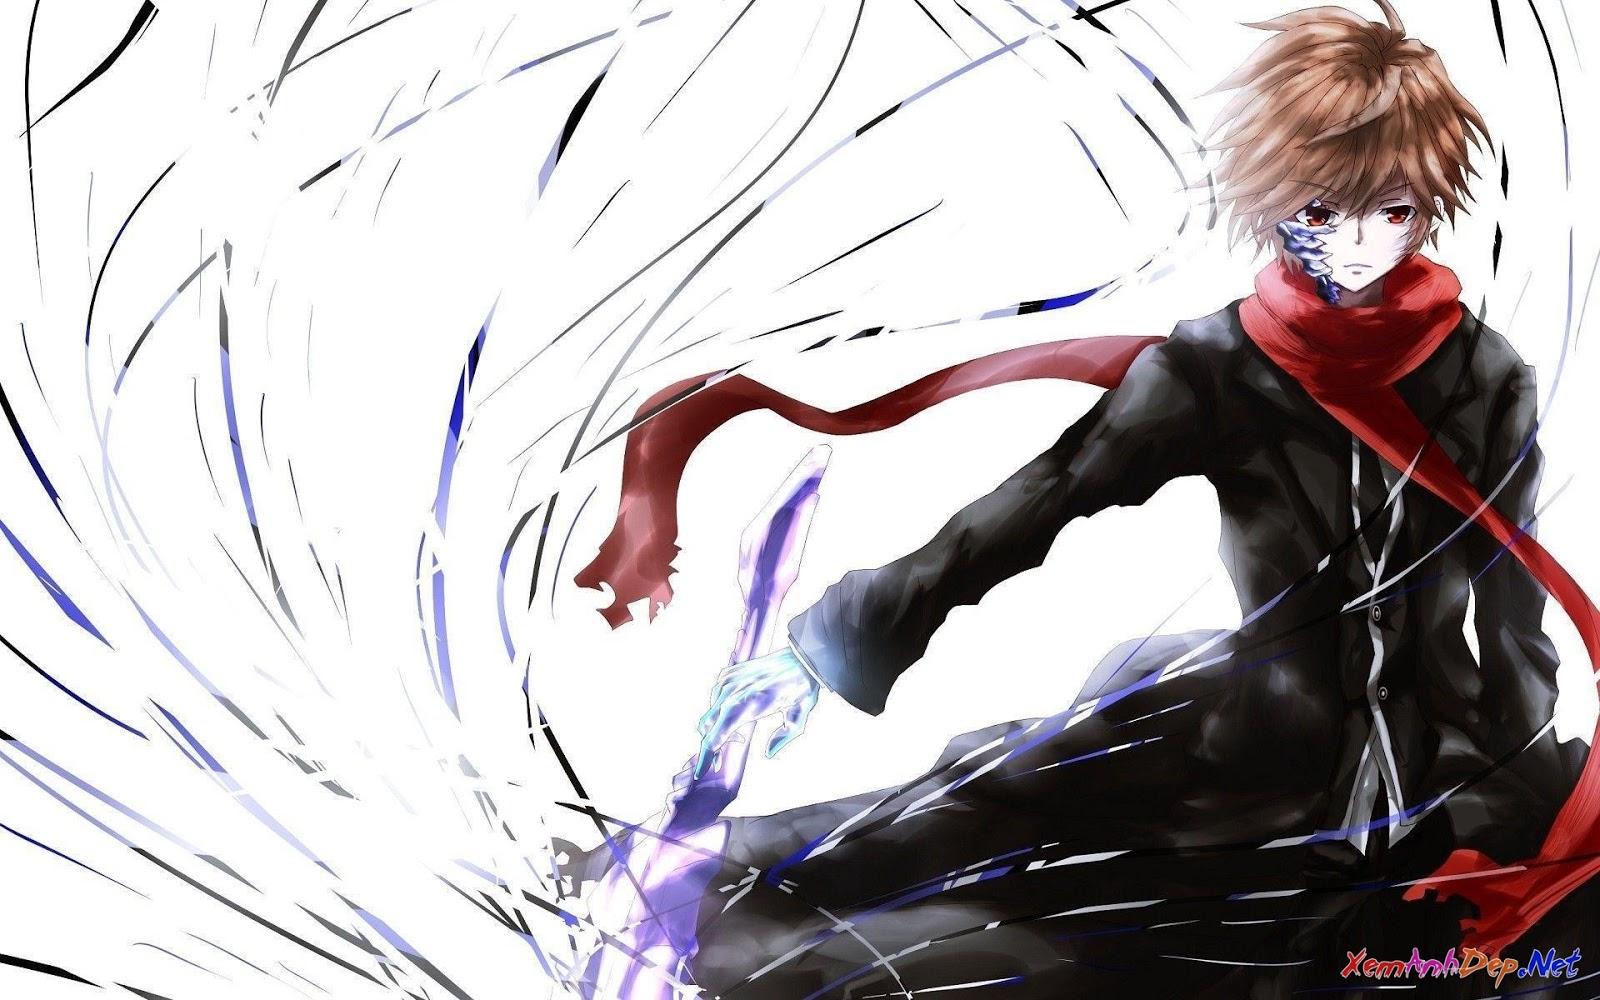 Hình nền anime boy đẹp trai lạnh lùng tuyệt đẹp